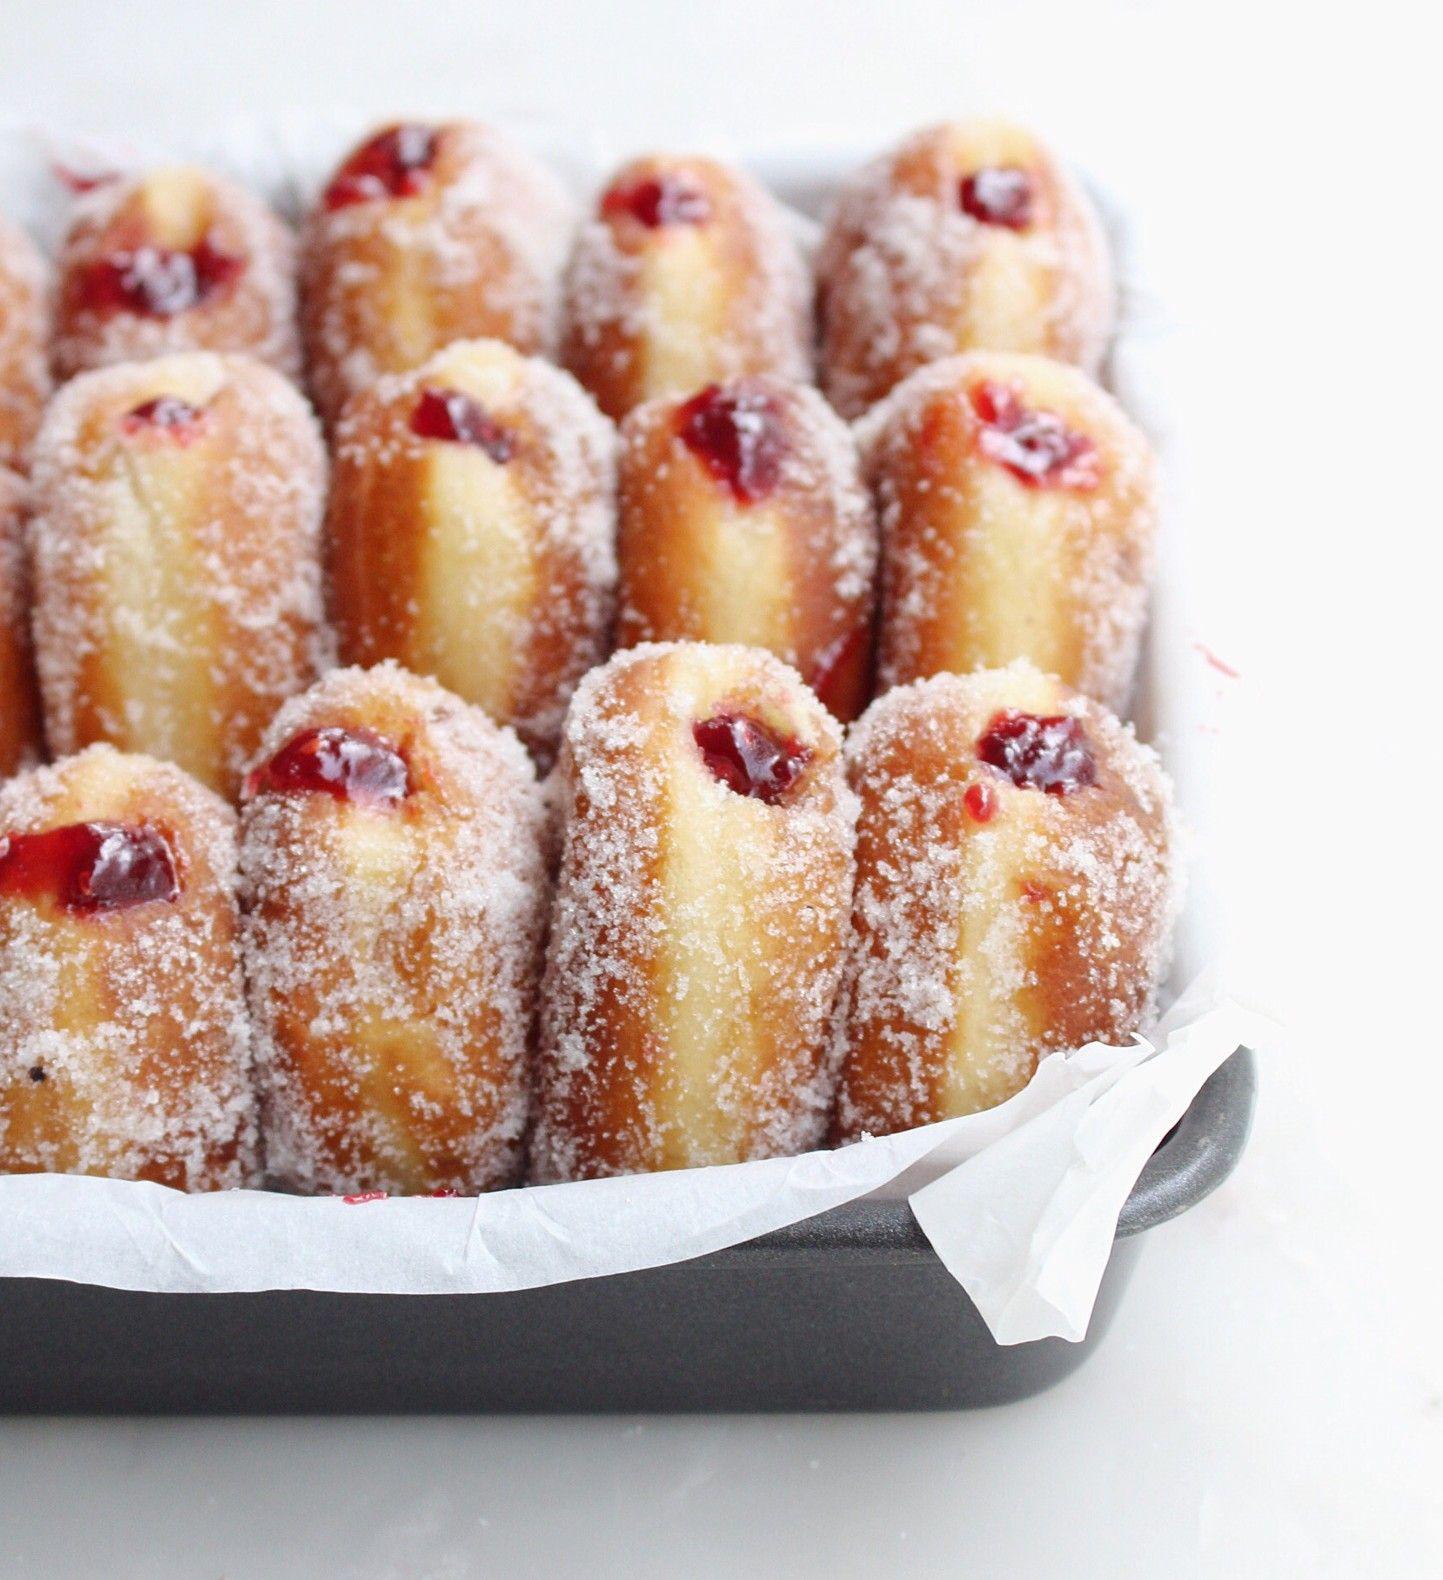 Homemade Raspberry Jam Filled Vanilla Sugar Donuts Yum